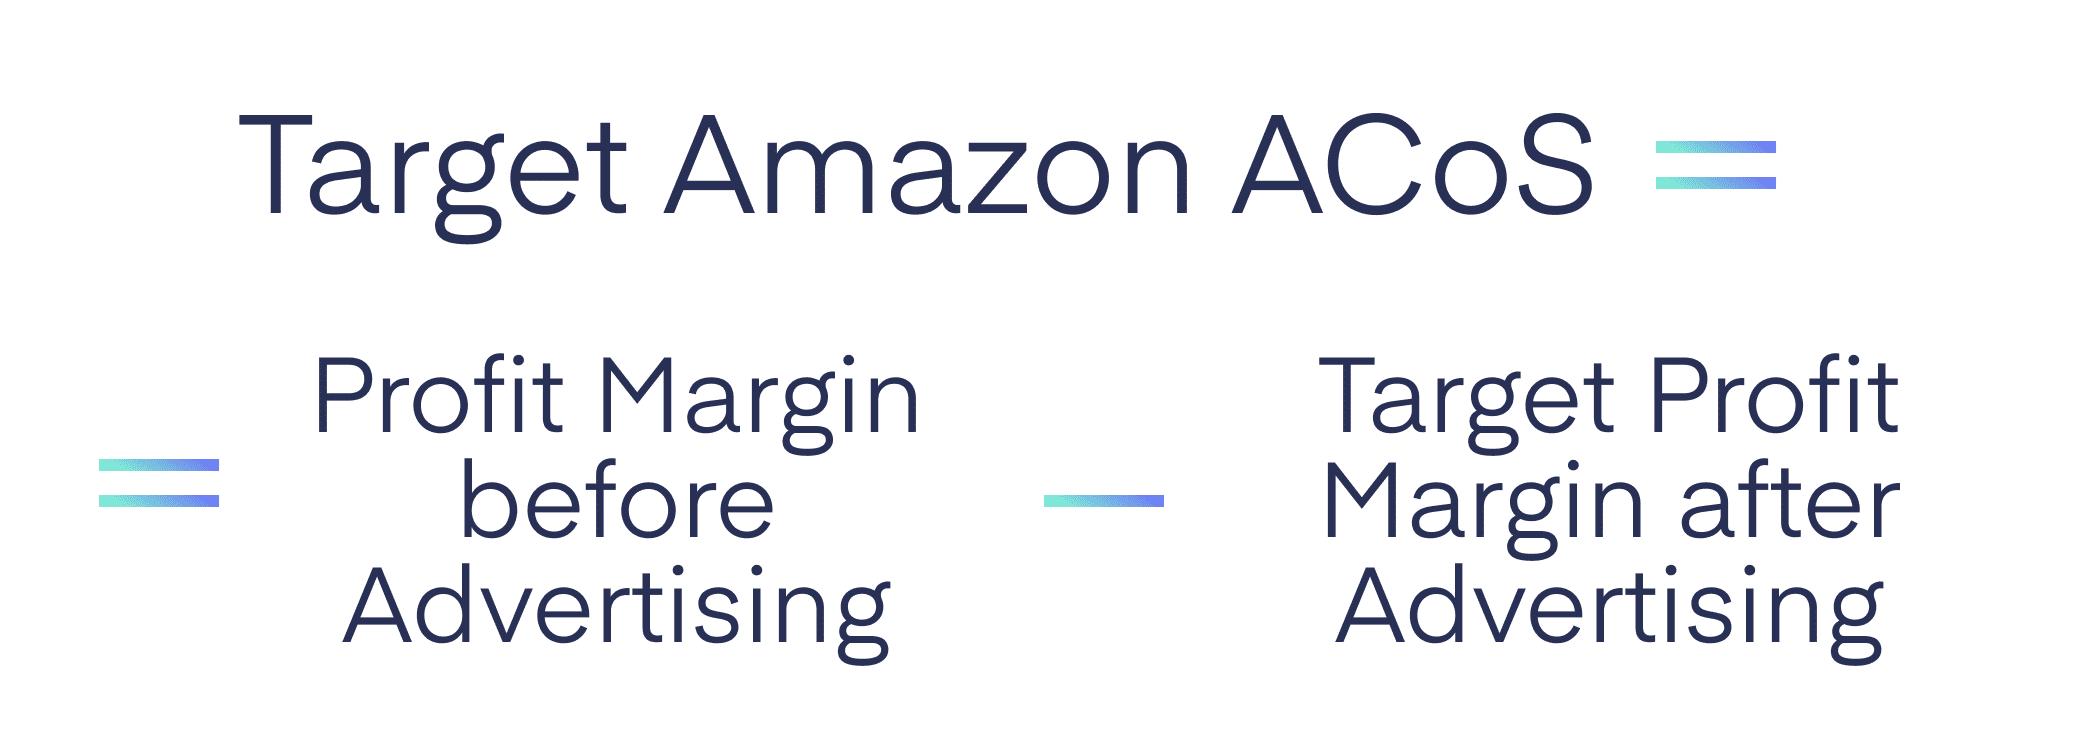 Target Amazon ACoS